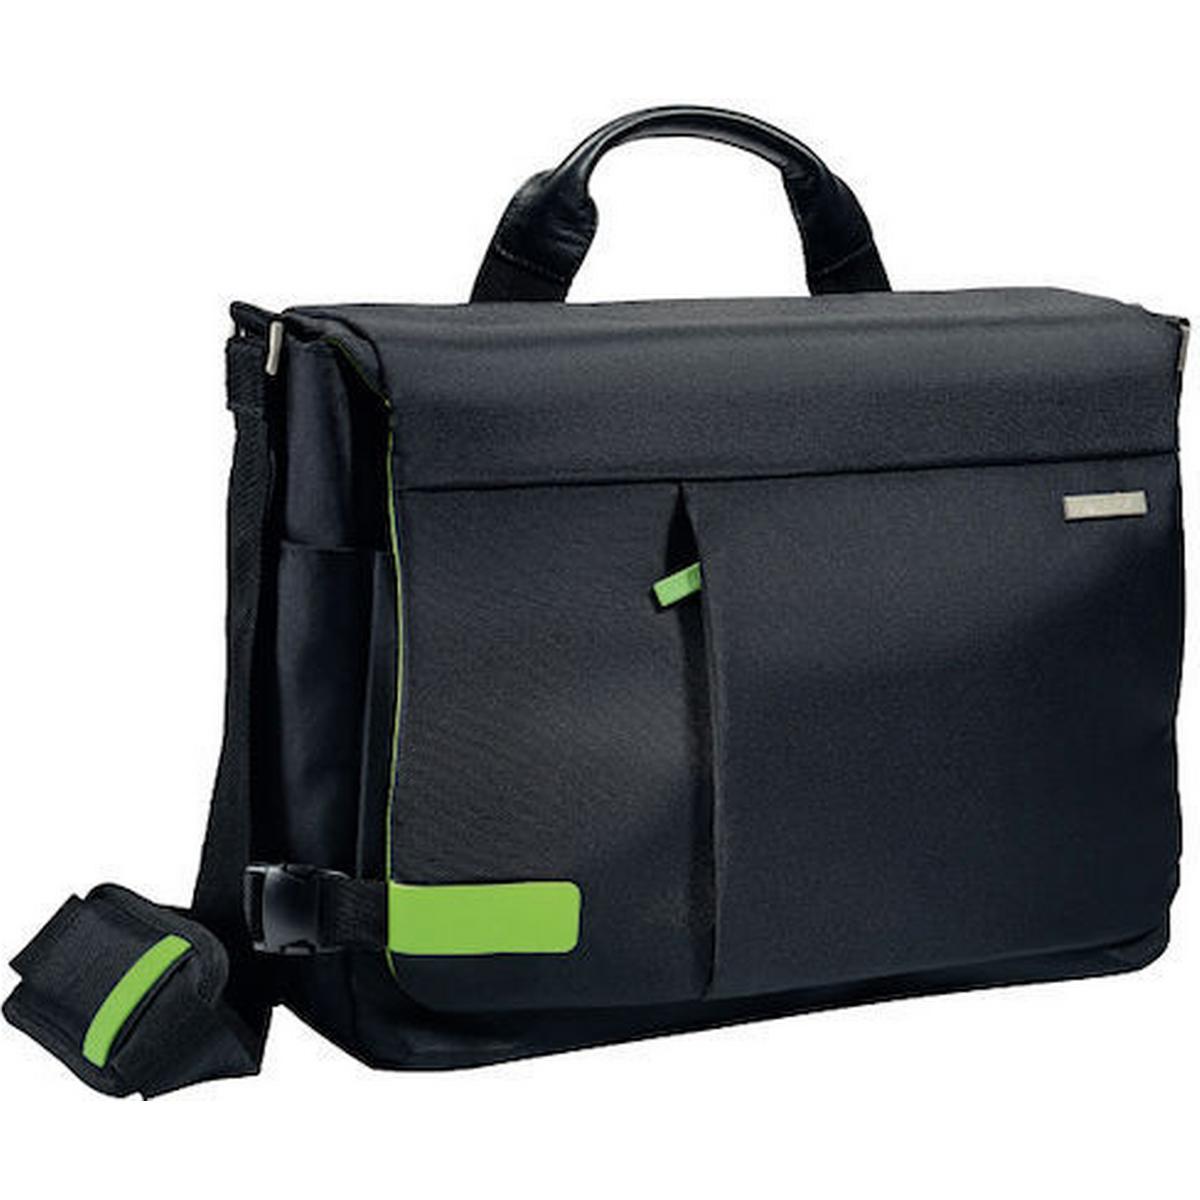 Laptop smart bag Väskor Jämför priser på PriceRunner